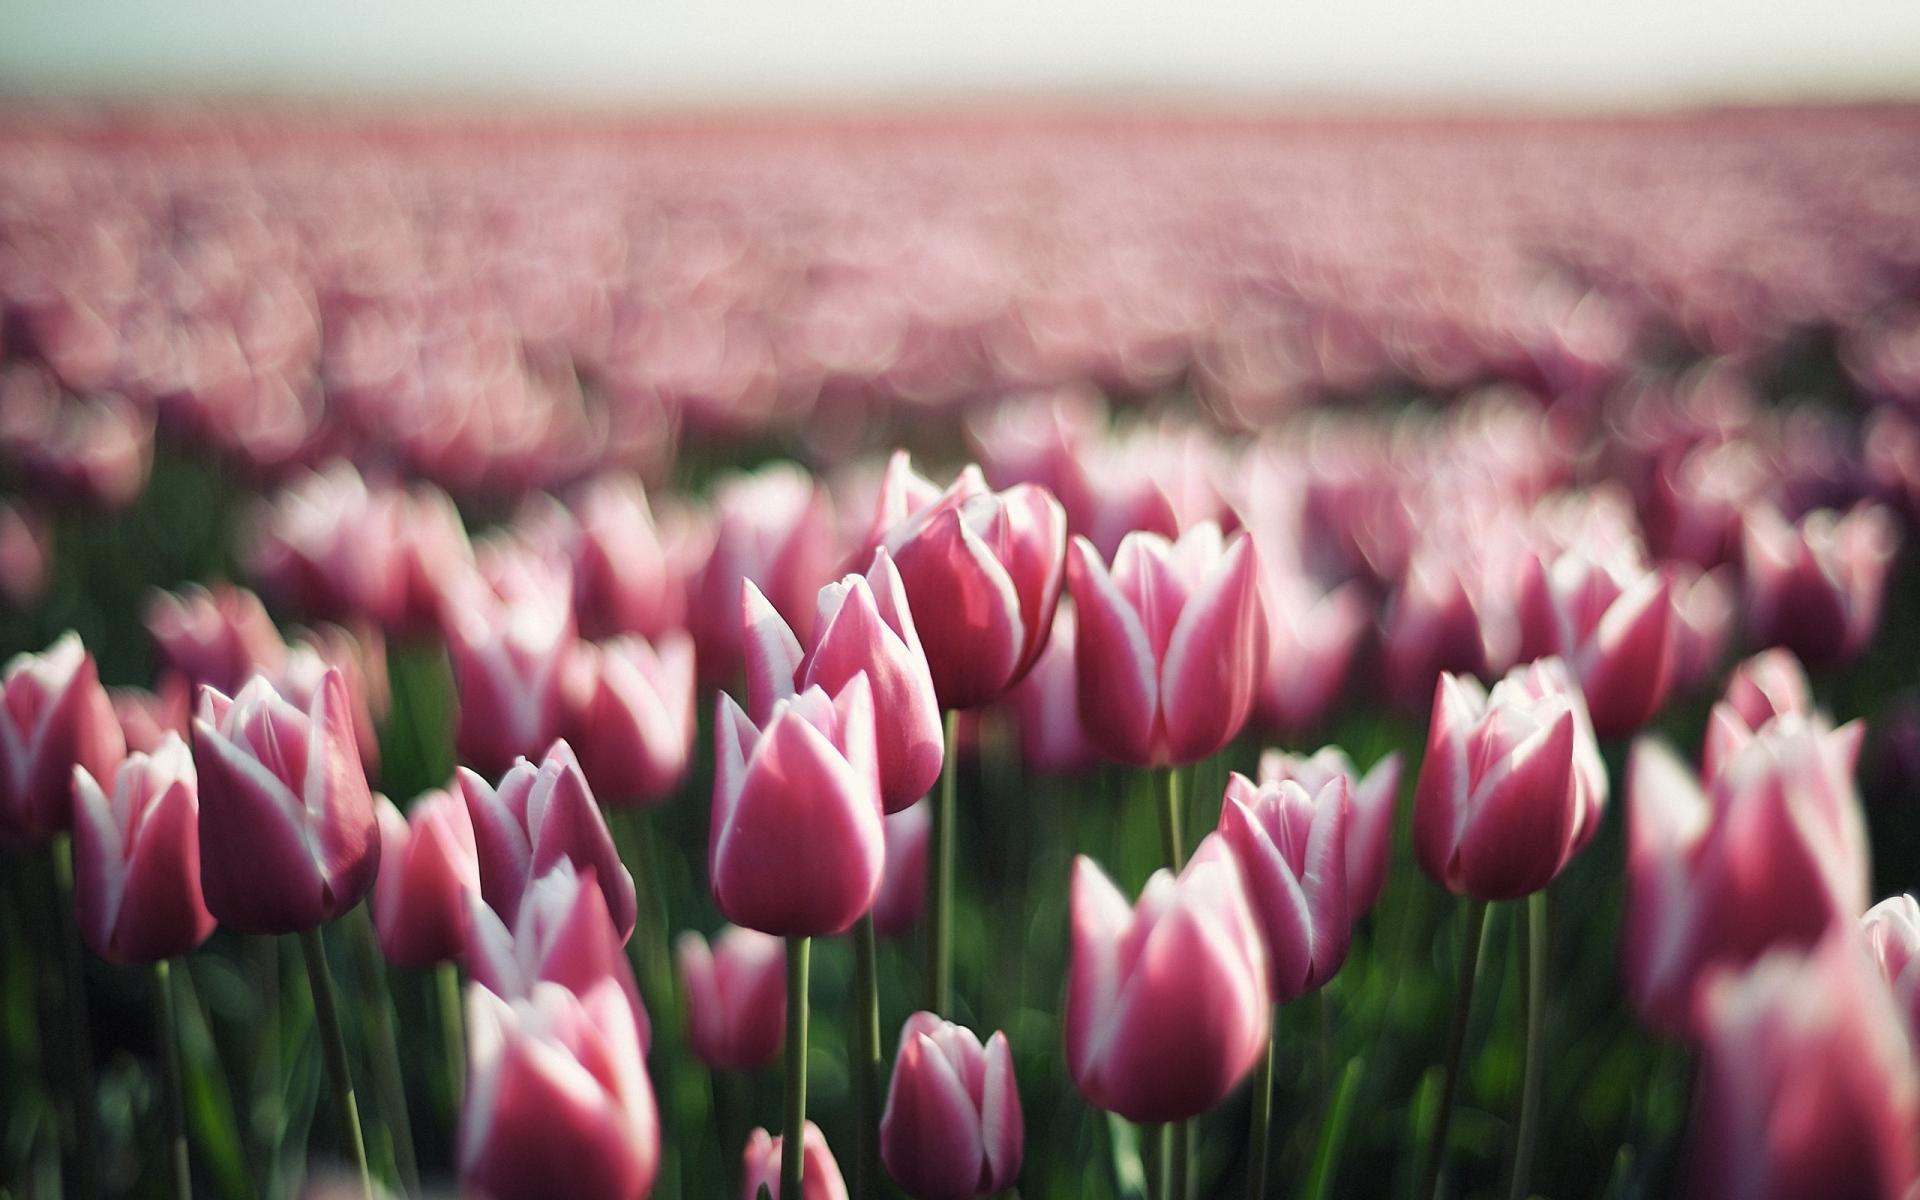 Картинки Тюльпаны, цветы, плантация, зелень фото и обои на рабочий стол